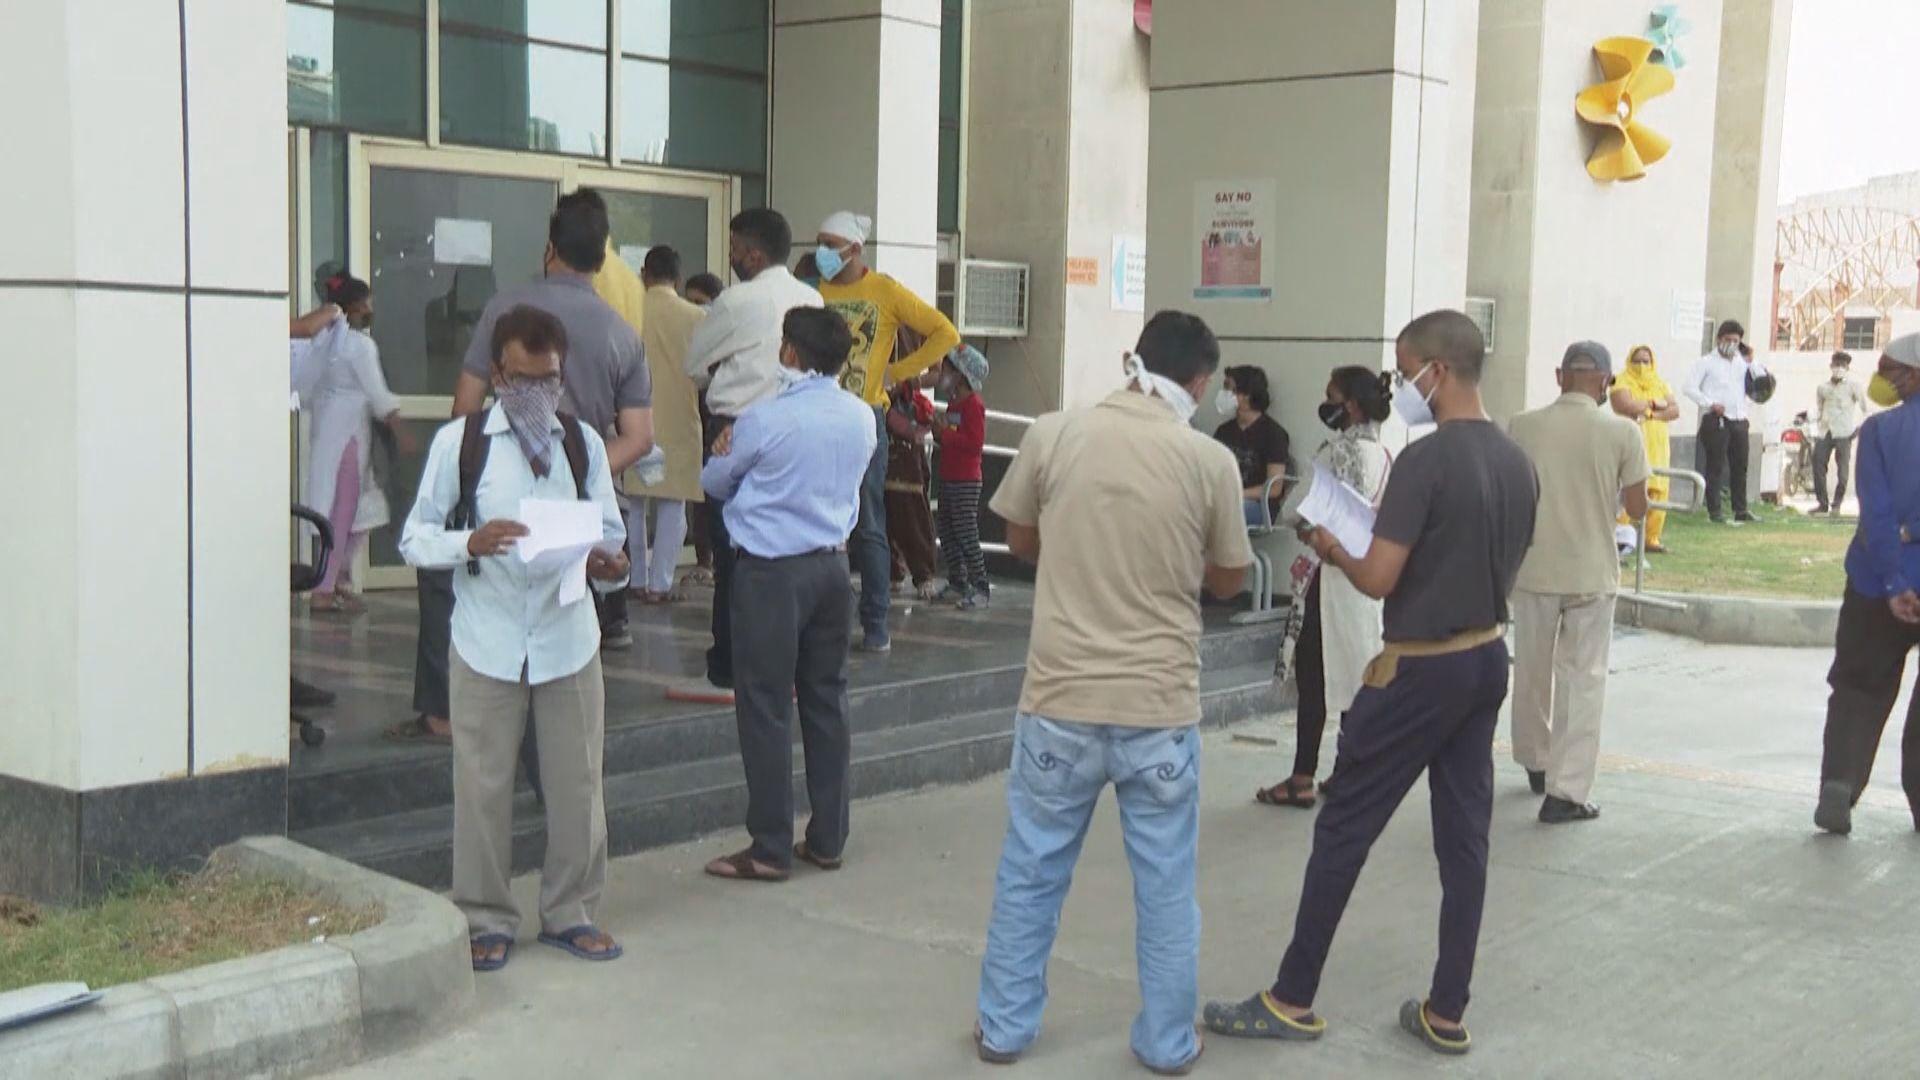 印度確診突破二千萬 當局指部分地區確診數字微跌